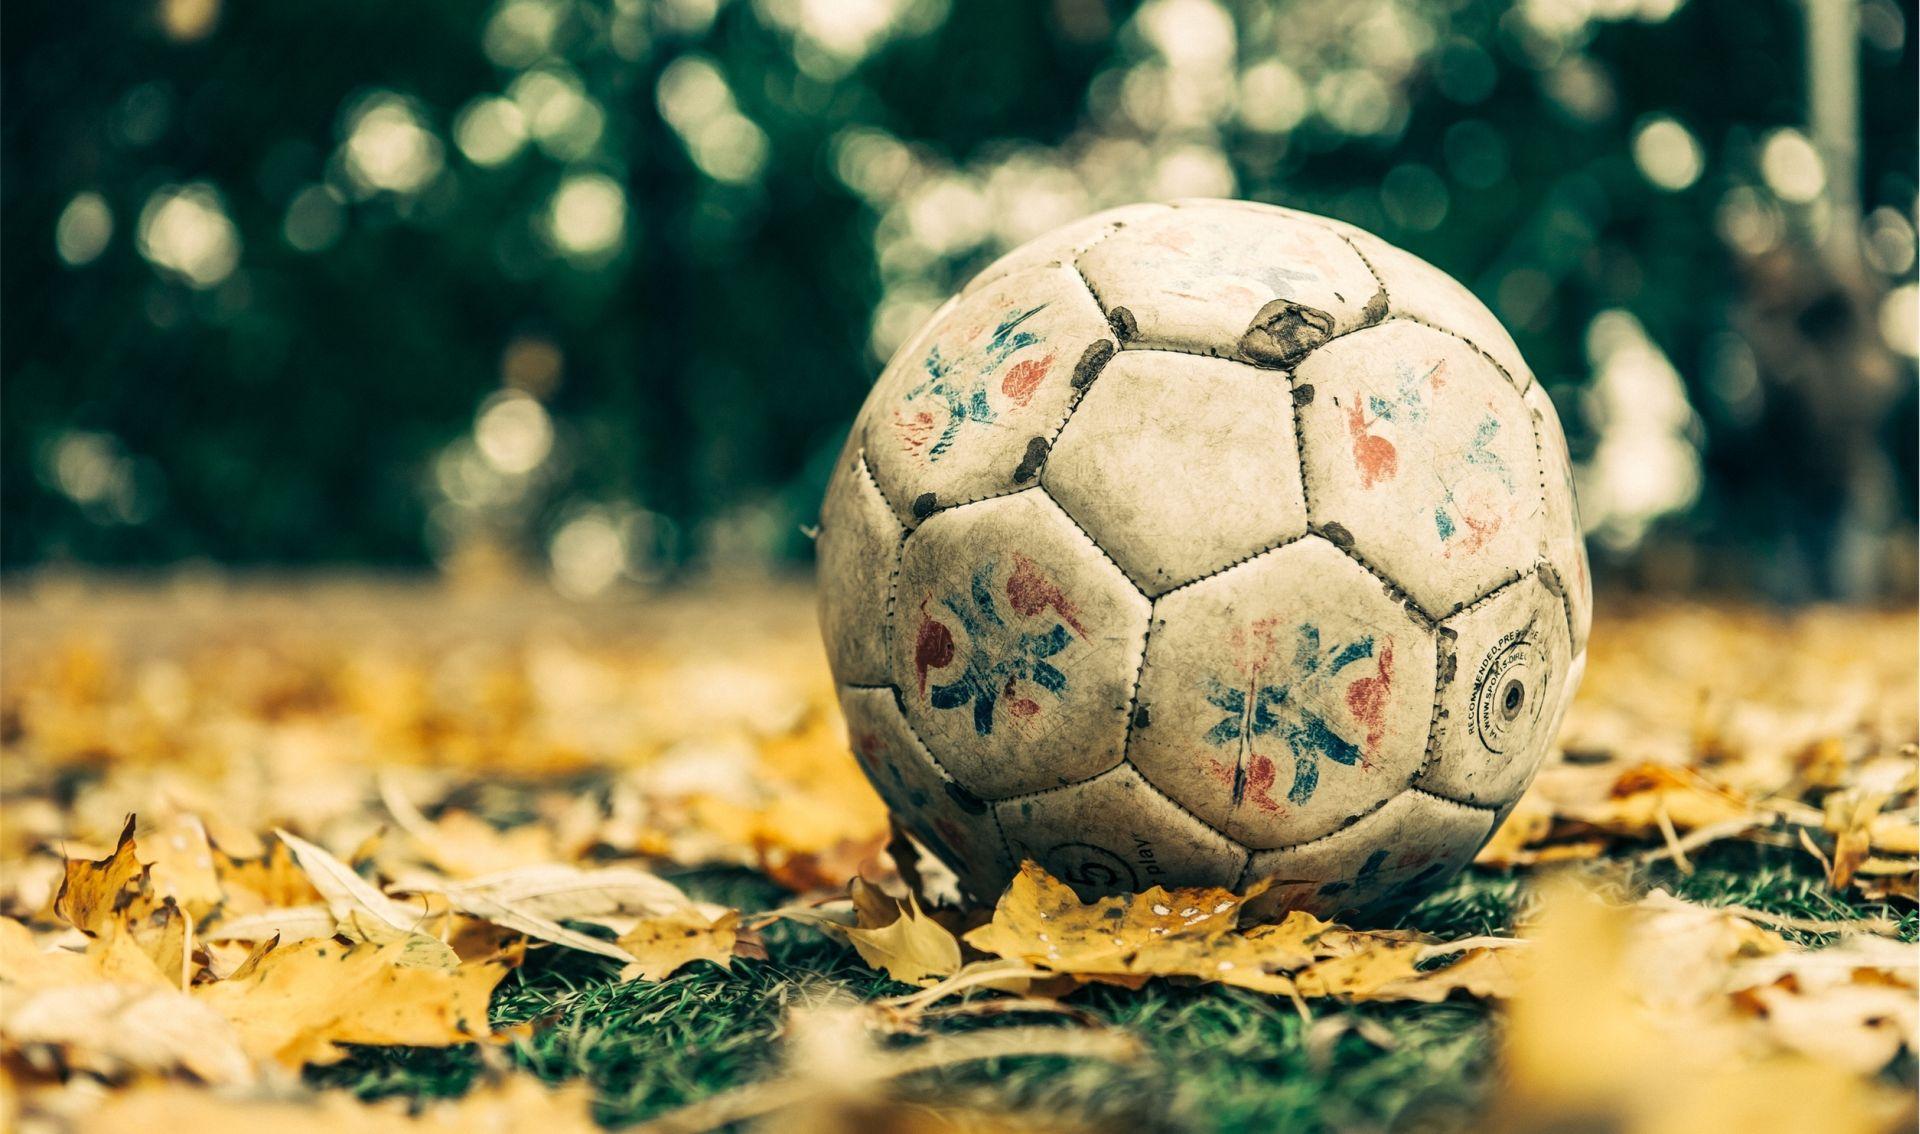 STUDIJA FIFPROA Nogometaši su depresivniji i anksiozniji od ostalih ljudi